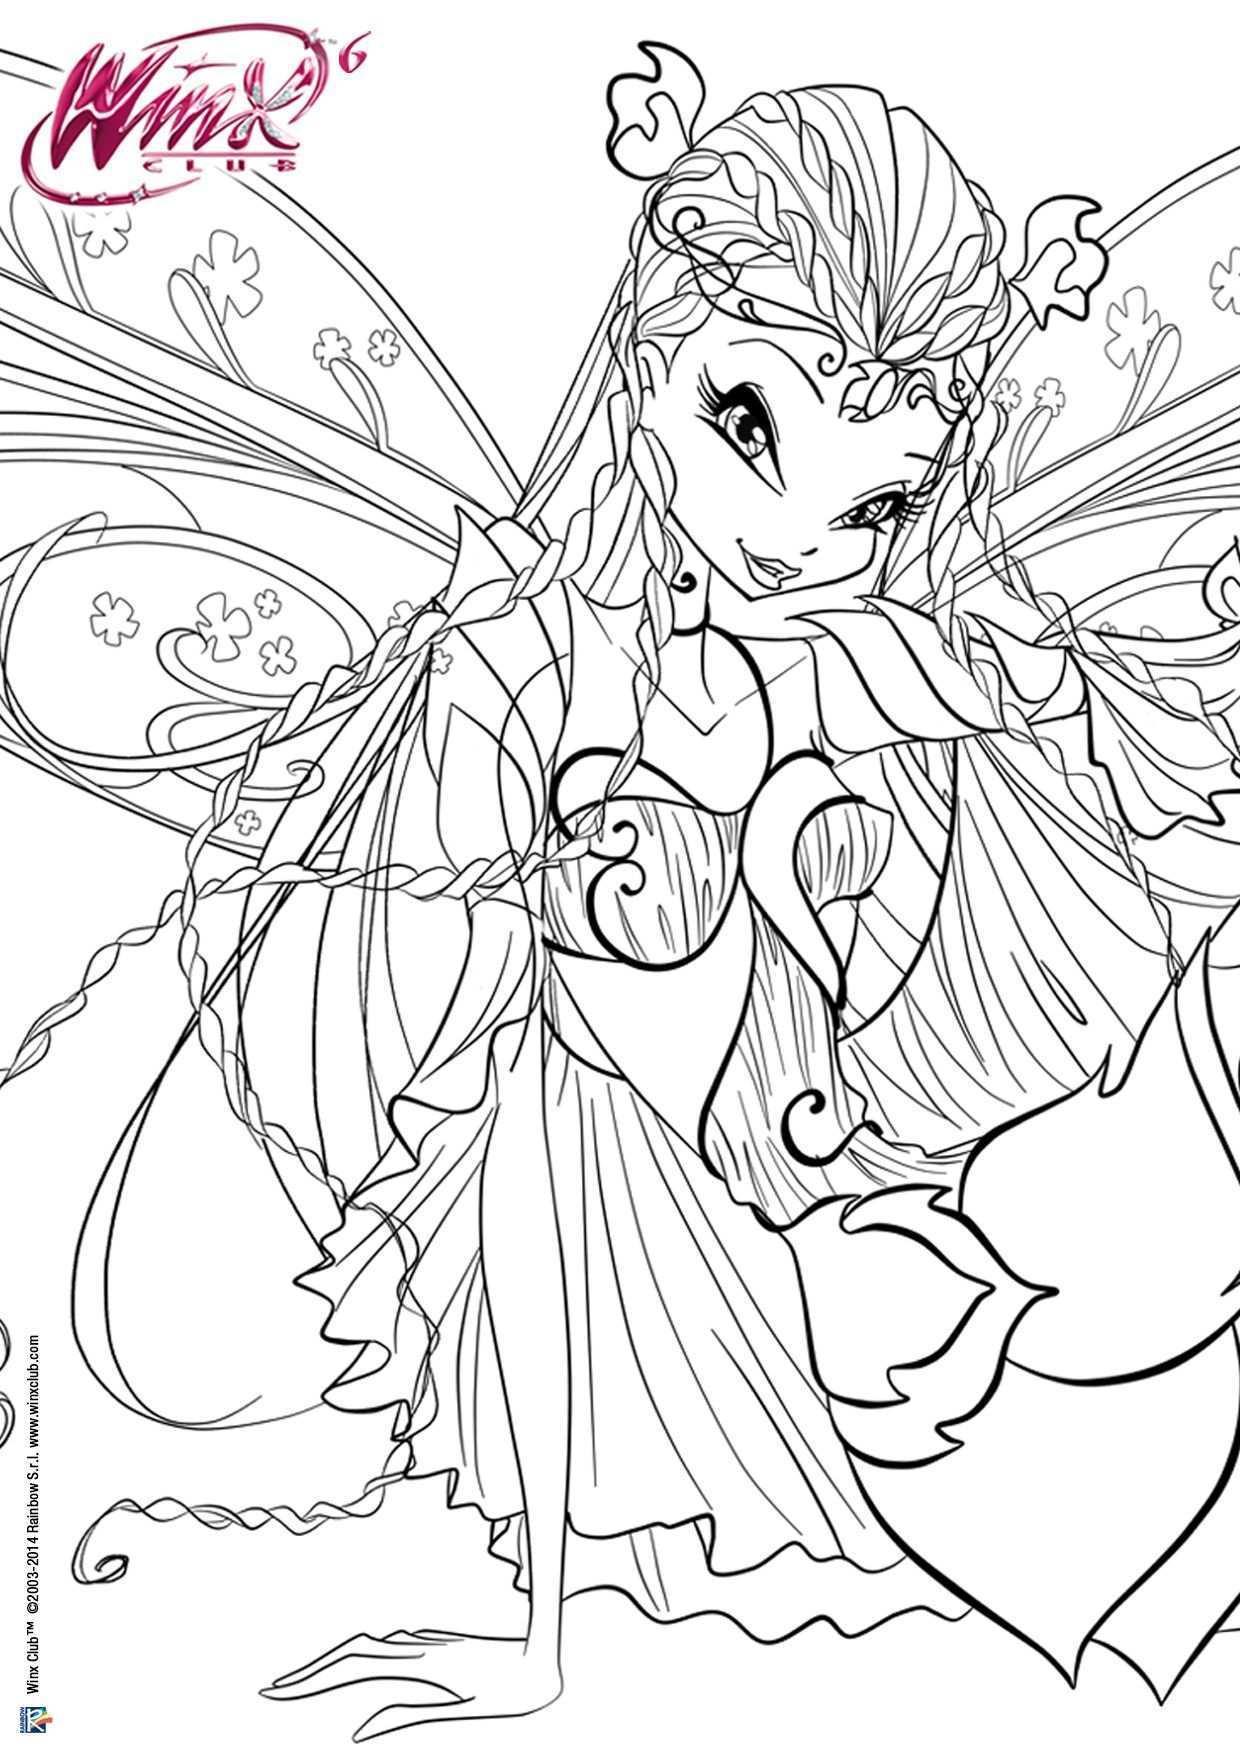 Winx Club Tumblr Dibujos Dibujos Para Ninos Criaturas Magicas